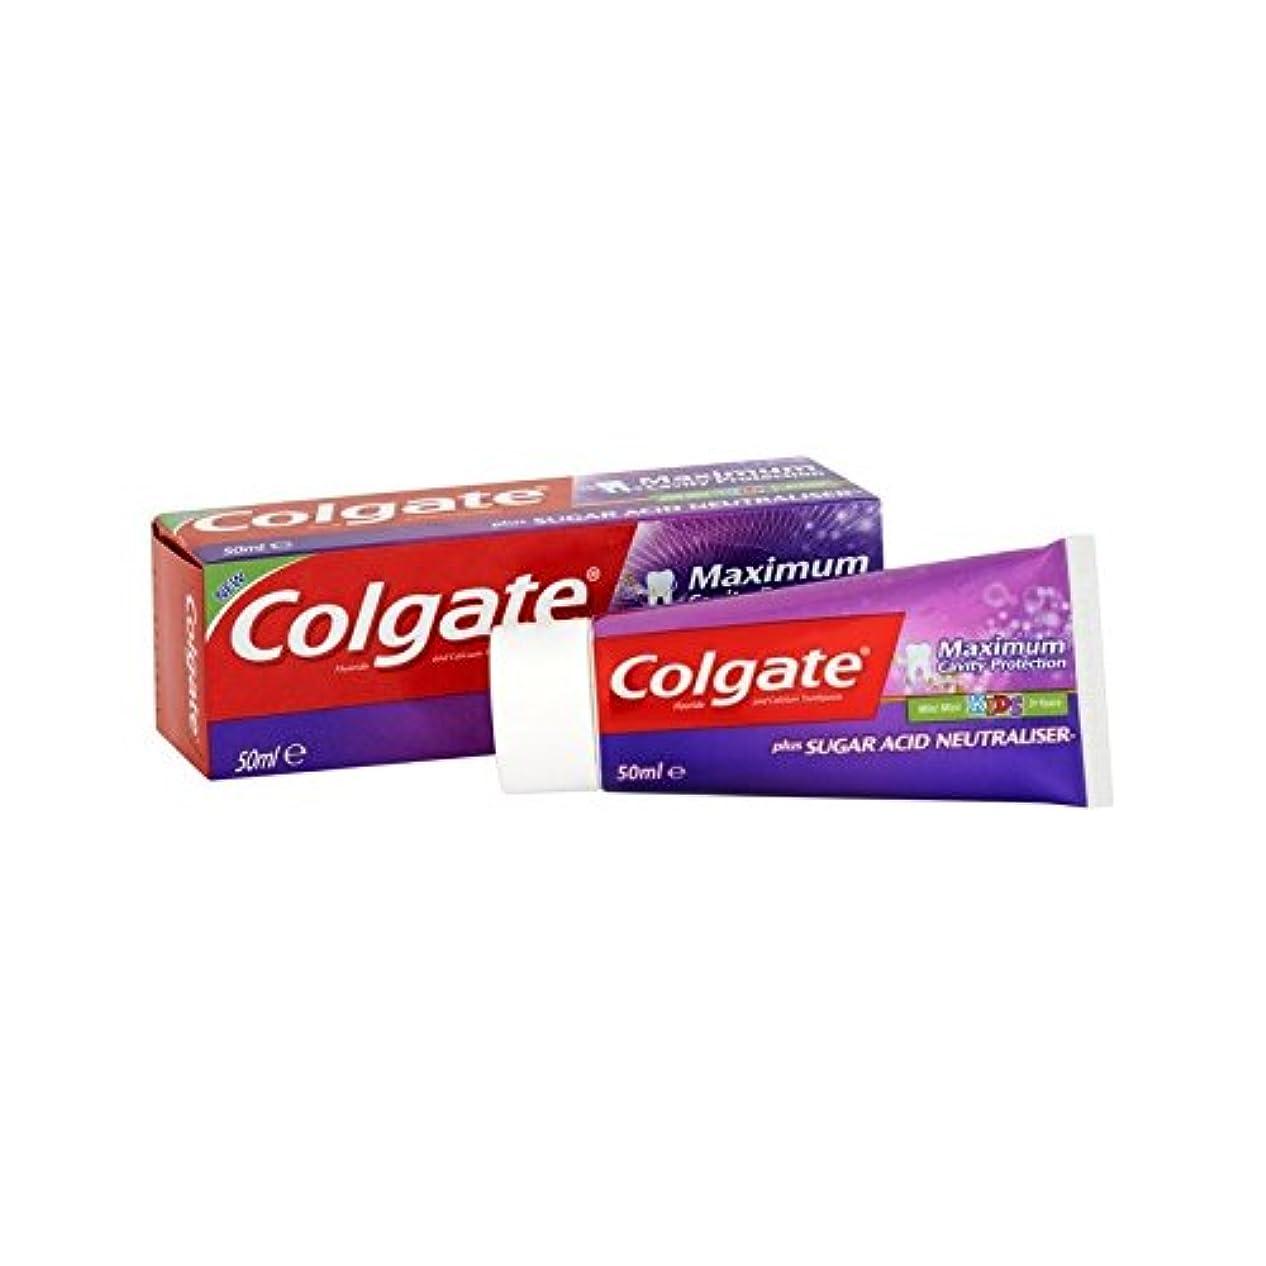 チャーミング太鼓腹苦行最大空洞の子供の50ミリリットルを保護 (Colgate) (x 4) - Colgate Maximum Cavity Protect Kids 50ml (Pack of 4) [並行輸入品]